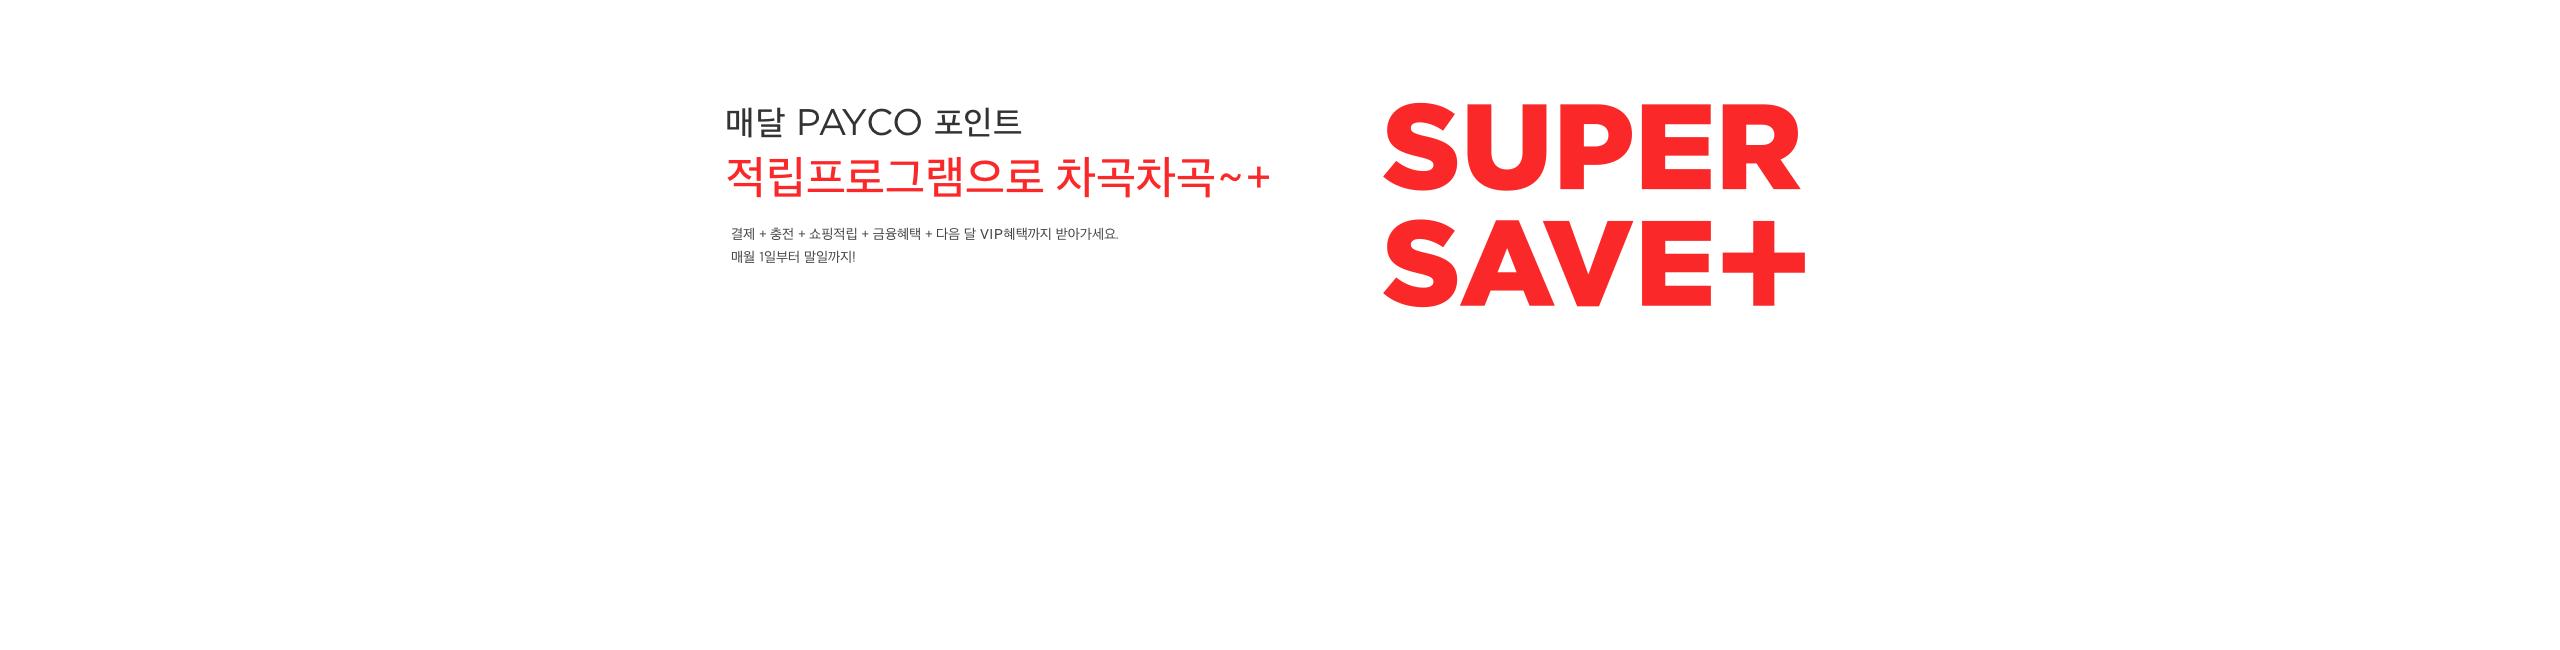 6월 PAYCO SUPER SAVE+